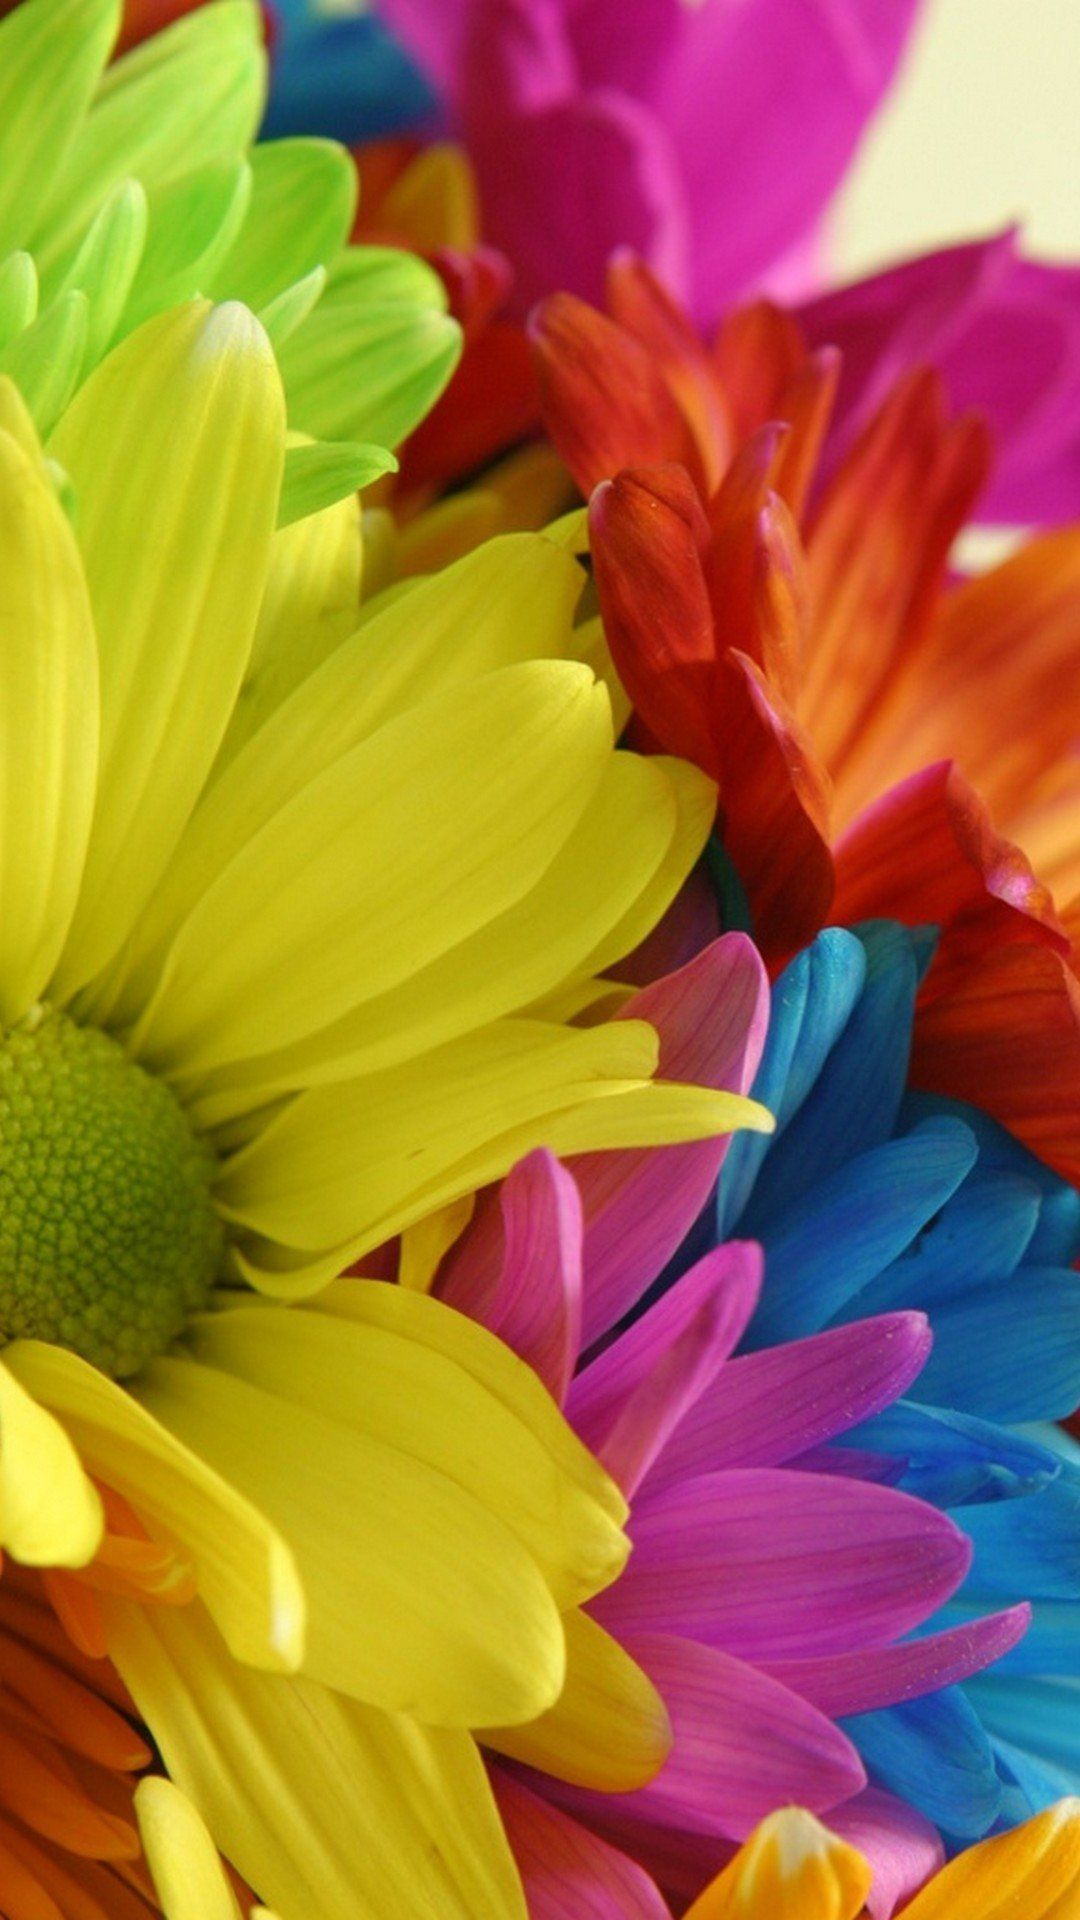 Sun Flower Colorfull Mobile Wallpaper Flower Phone Wallpaper Hd Flower Wallpaper Beautiful Flowers Wallpapers